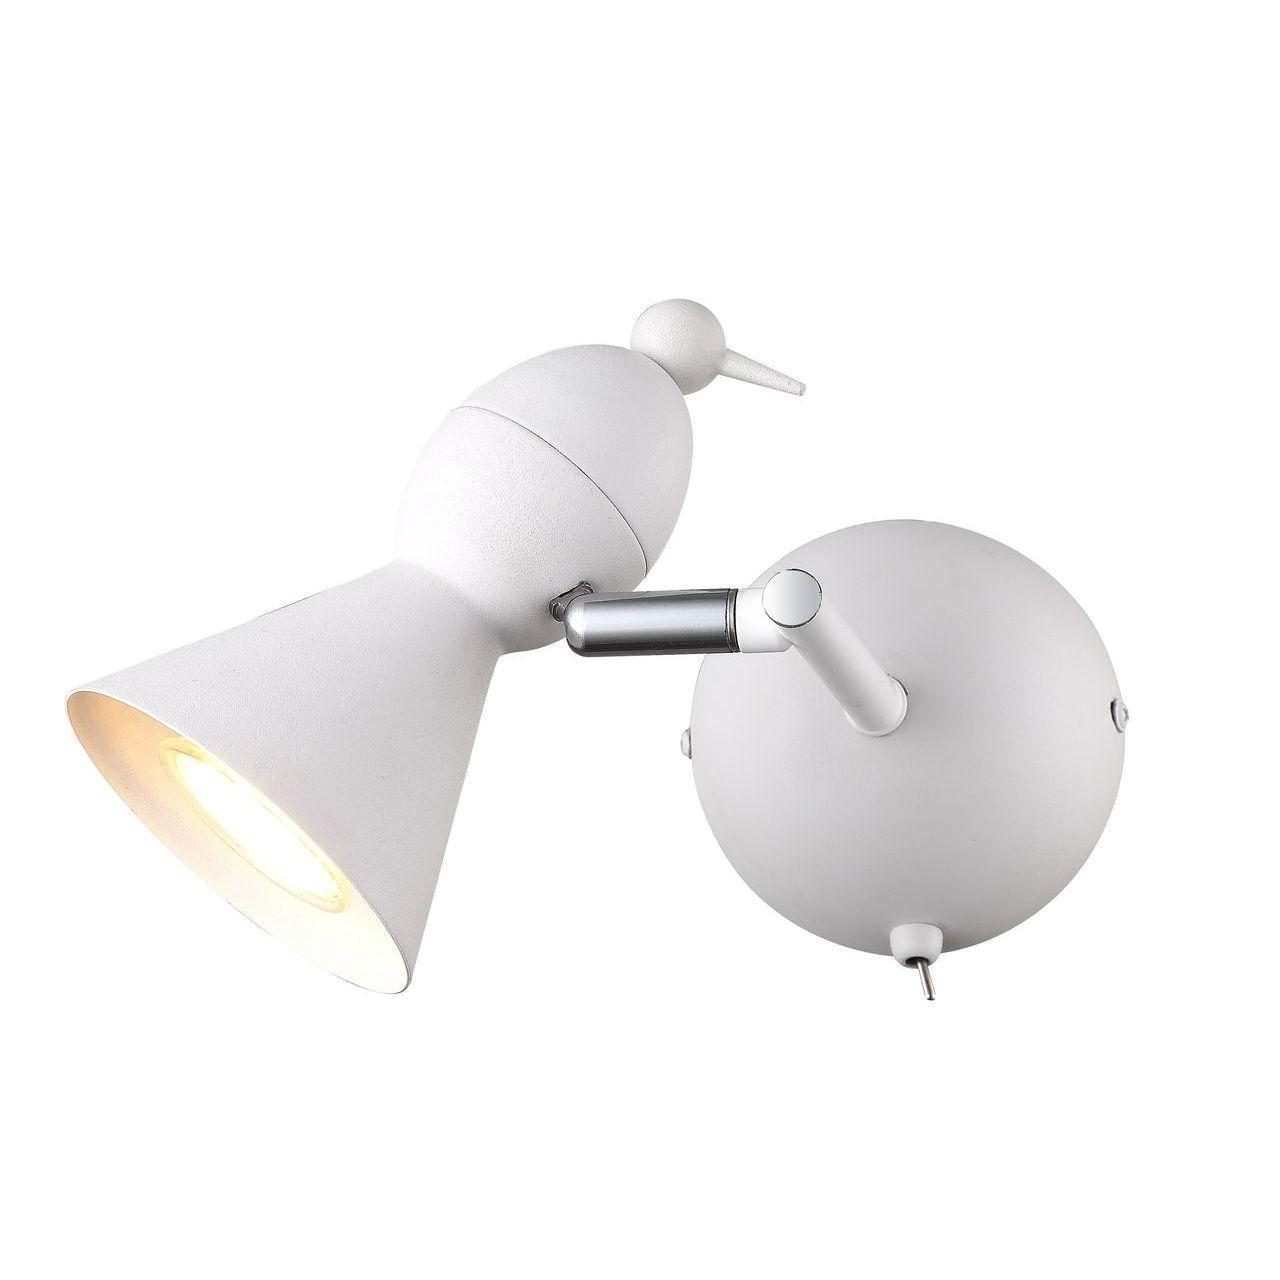 Фото - Спот Arte Lamp Picchio A9229AP-1WH спот arte lamp picchio a9229ap 1cc